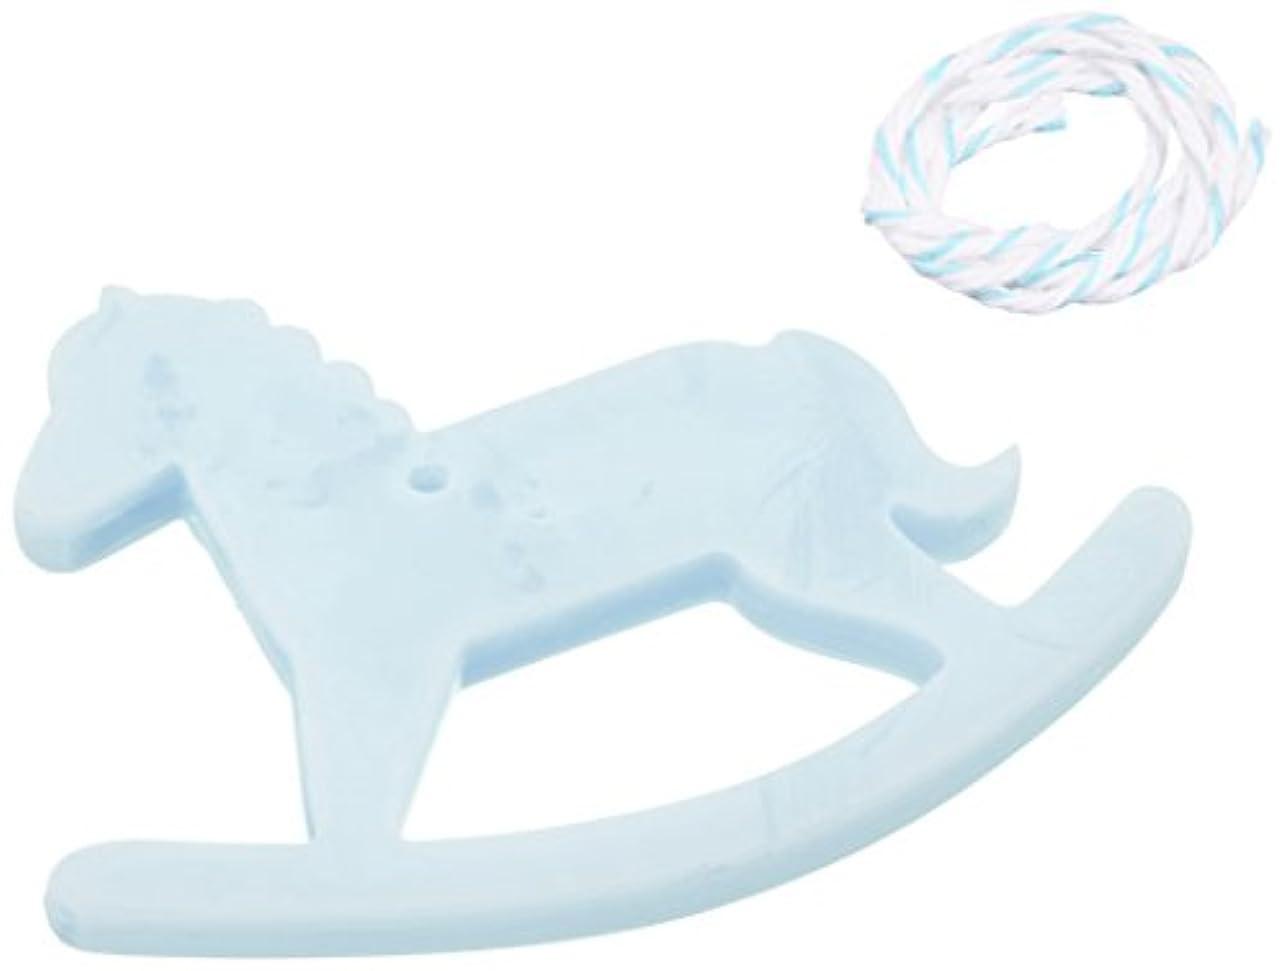 不愉快により平らなピンチGRASSE TOKYO AROMATICWAXチャーム「木馬」(BL) ローズマリー アロマティックワックス グラーストウキョウ